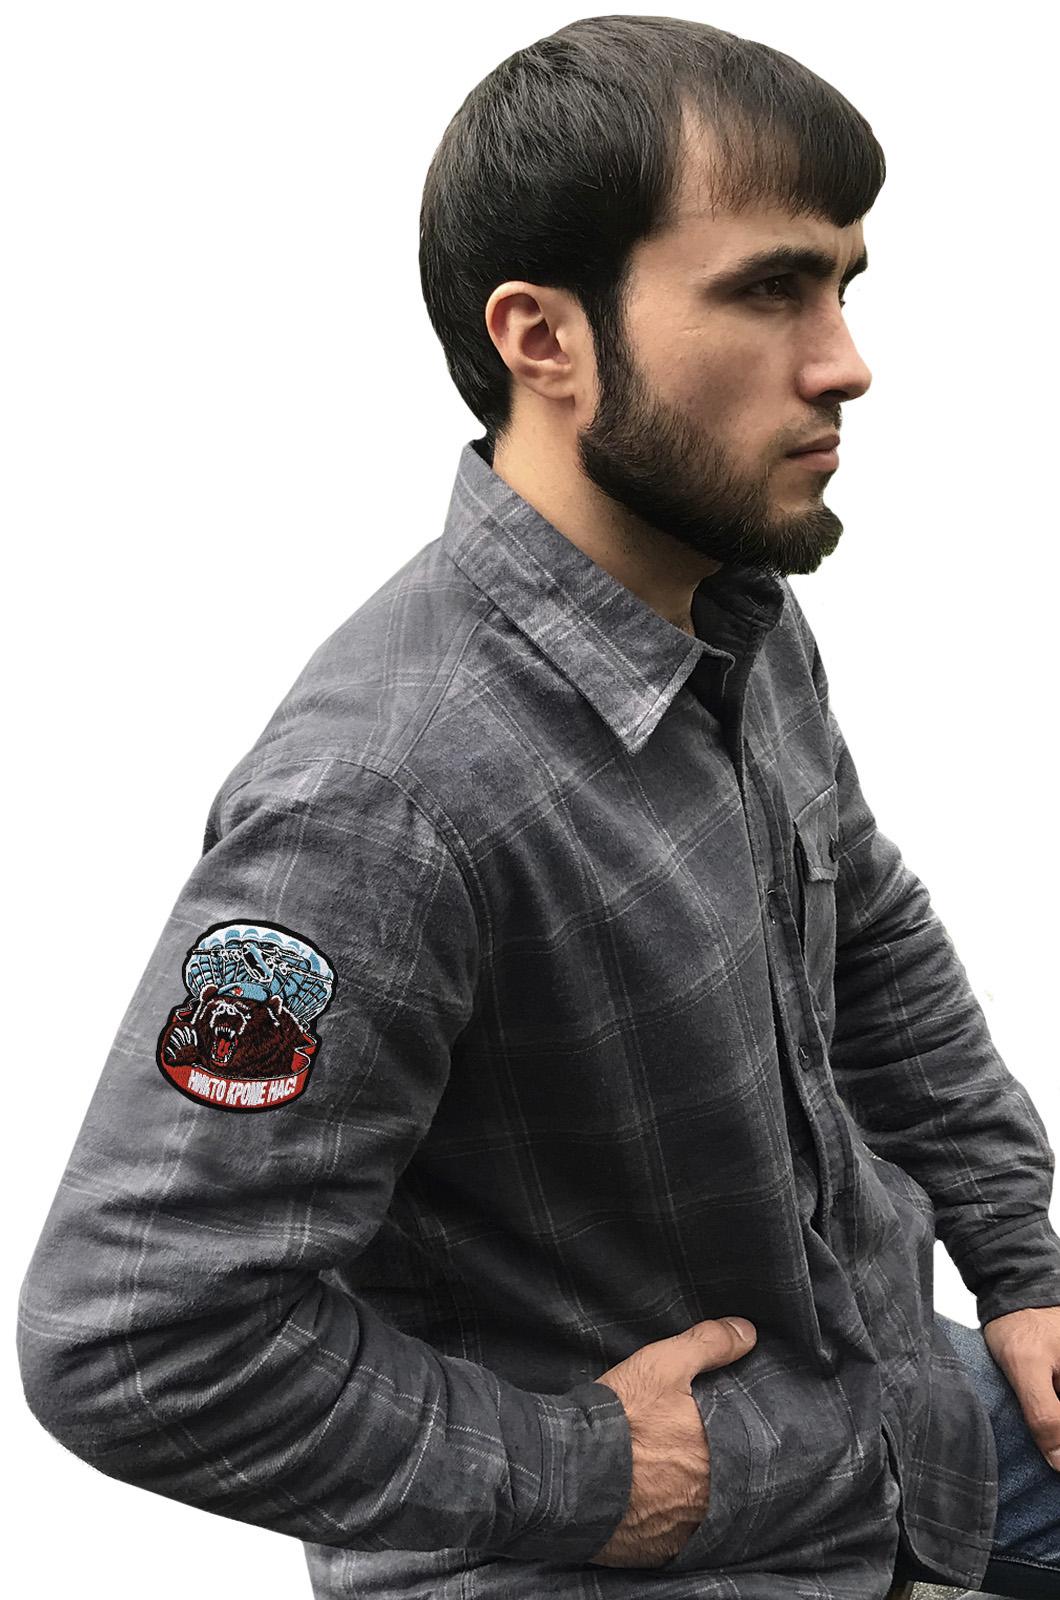 Утепленная мужская рубашка с вышитым шевроном ВДВ Медведь